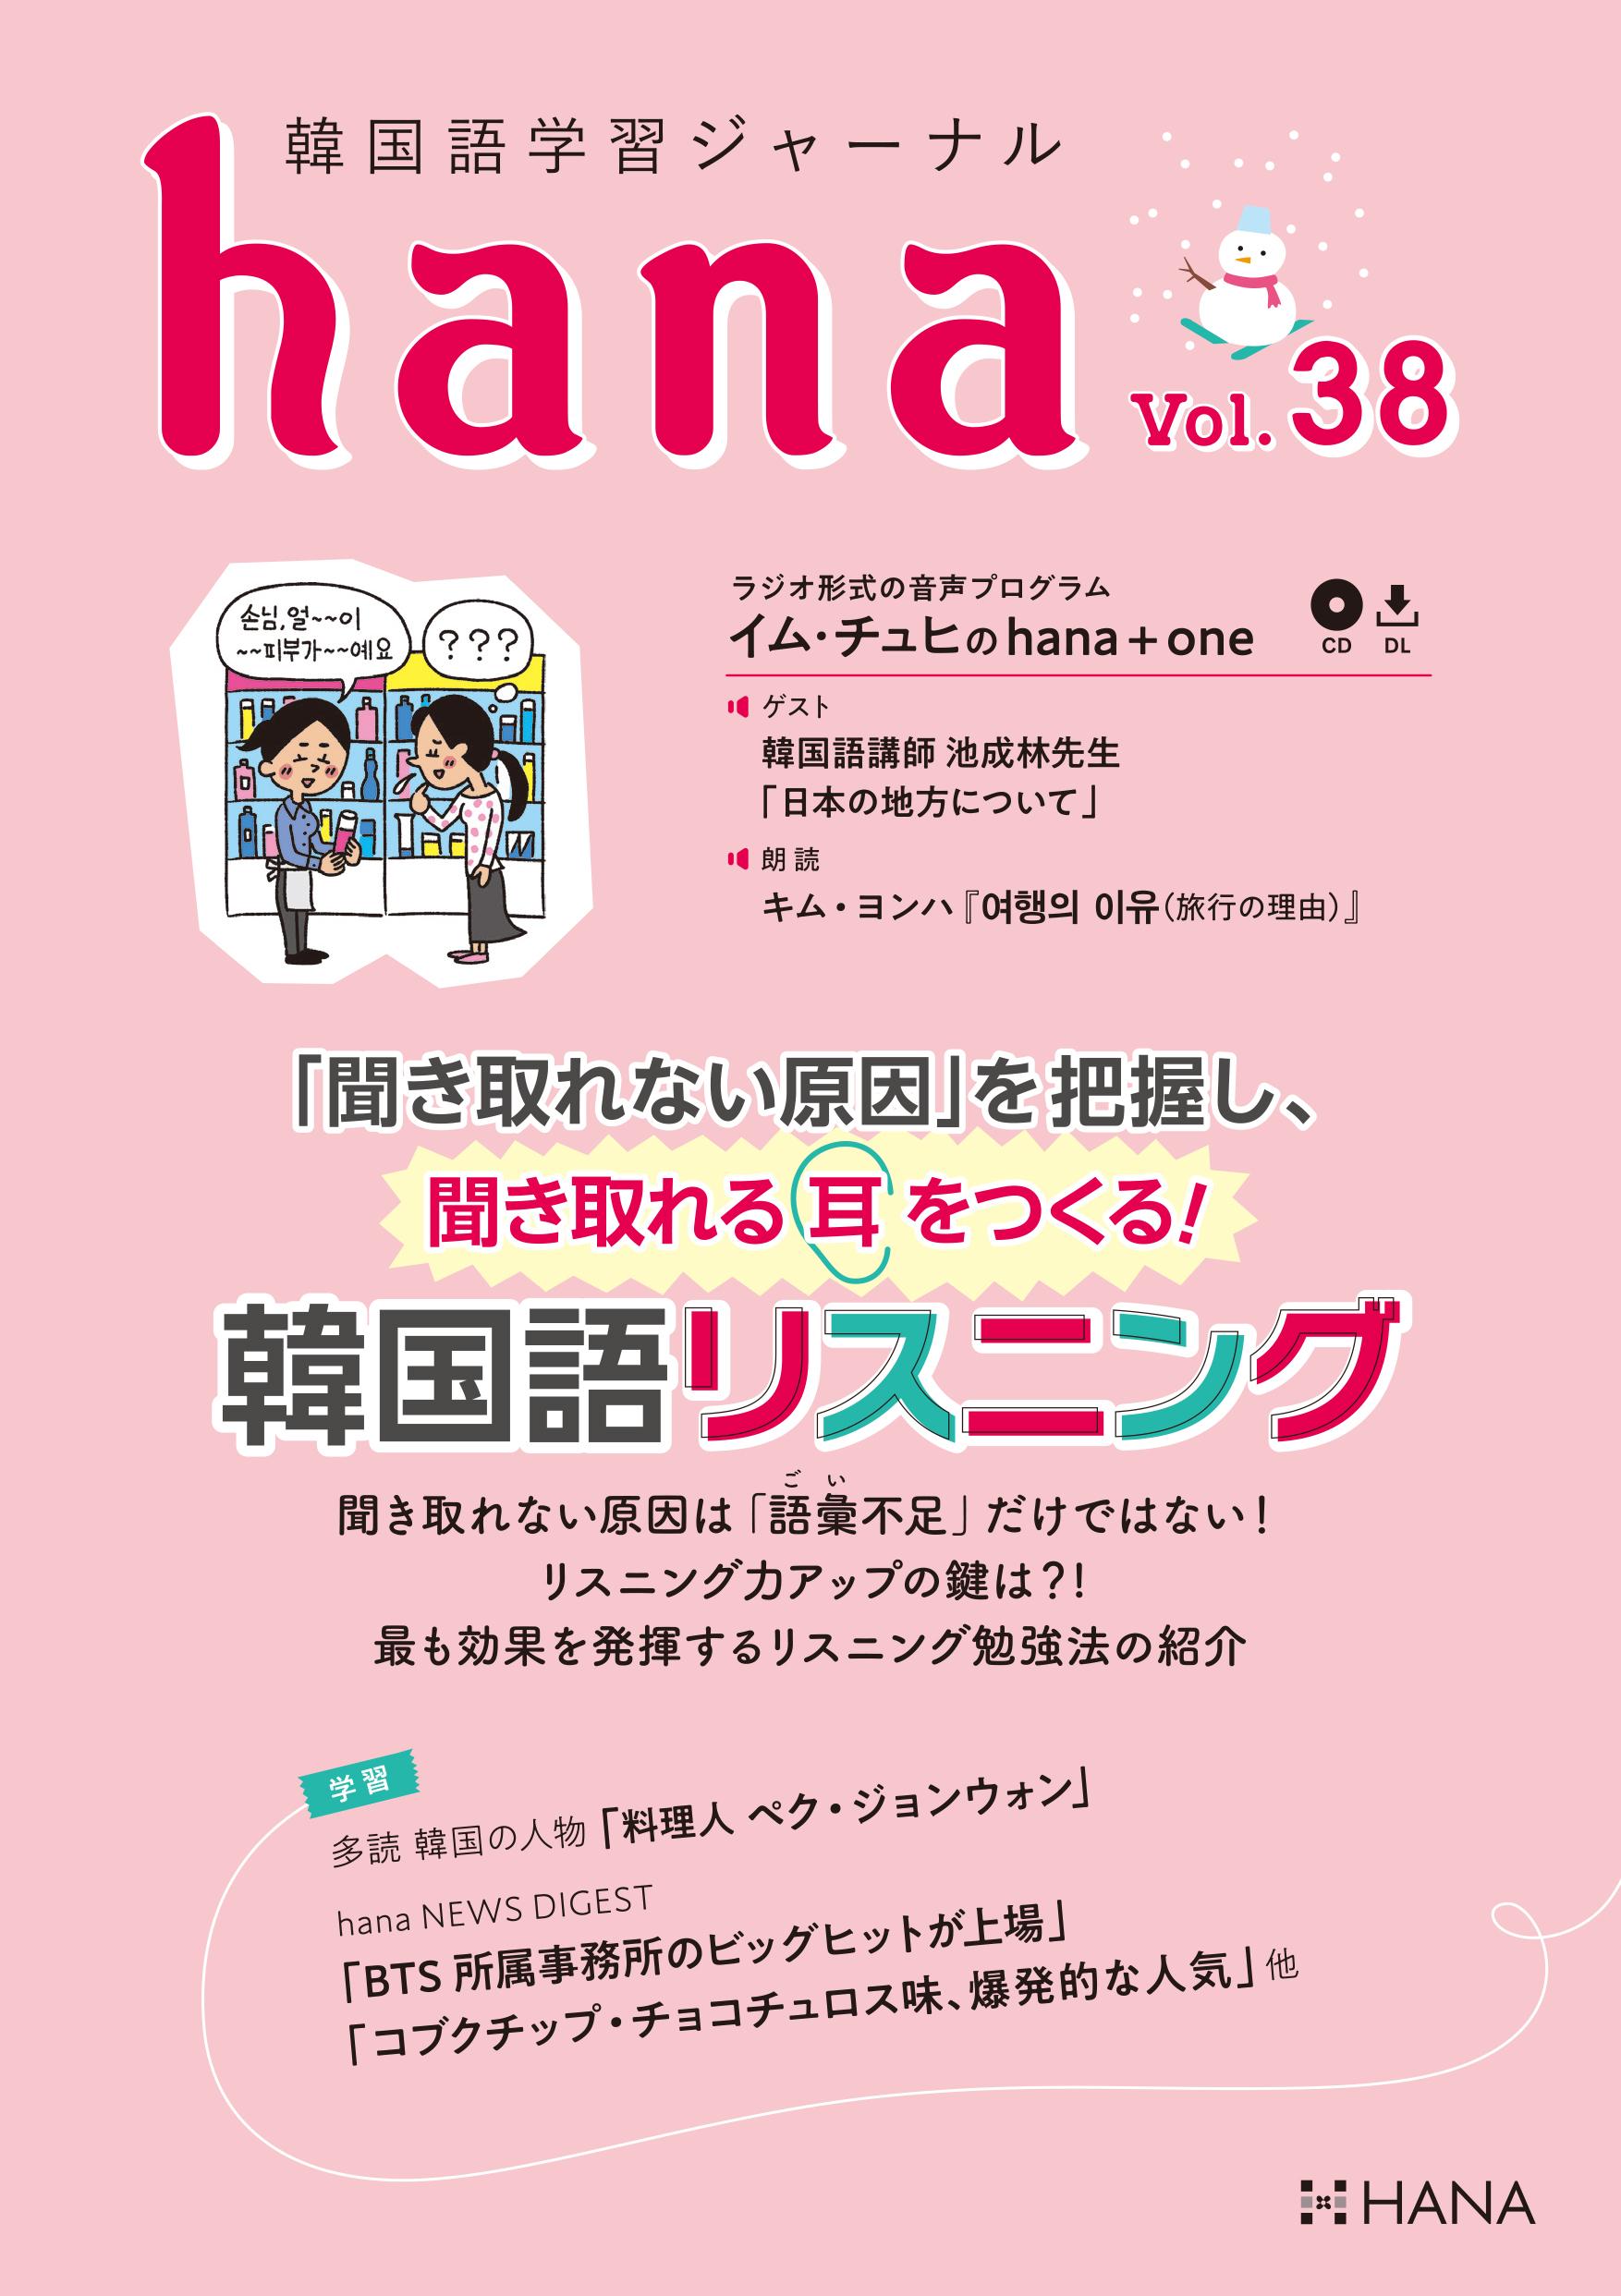 『韓国語学習ジャーナルhana Vol. 38』のイメージ